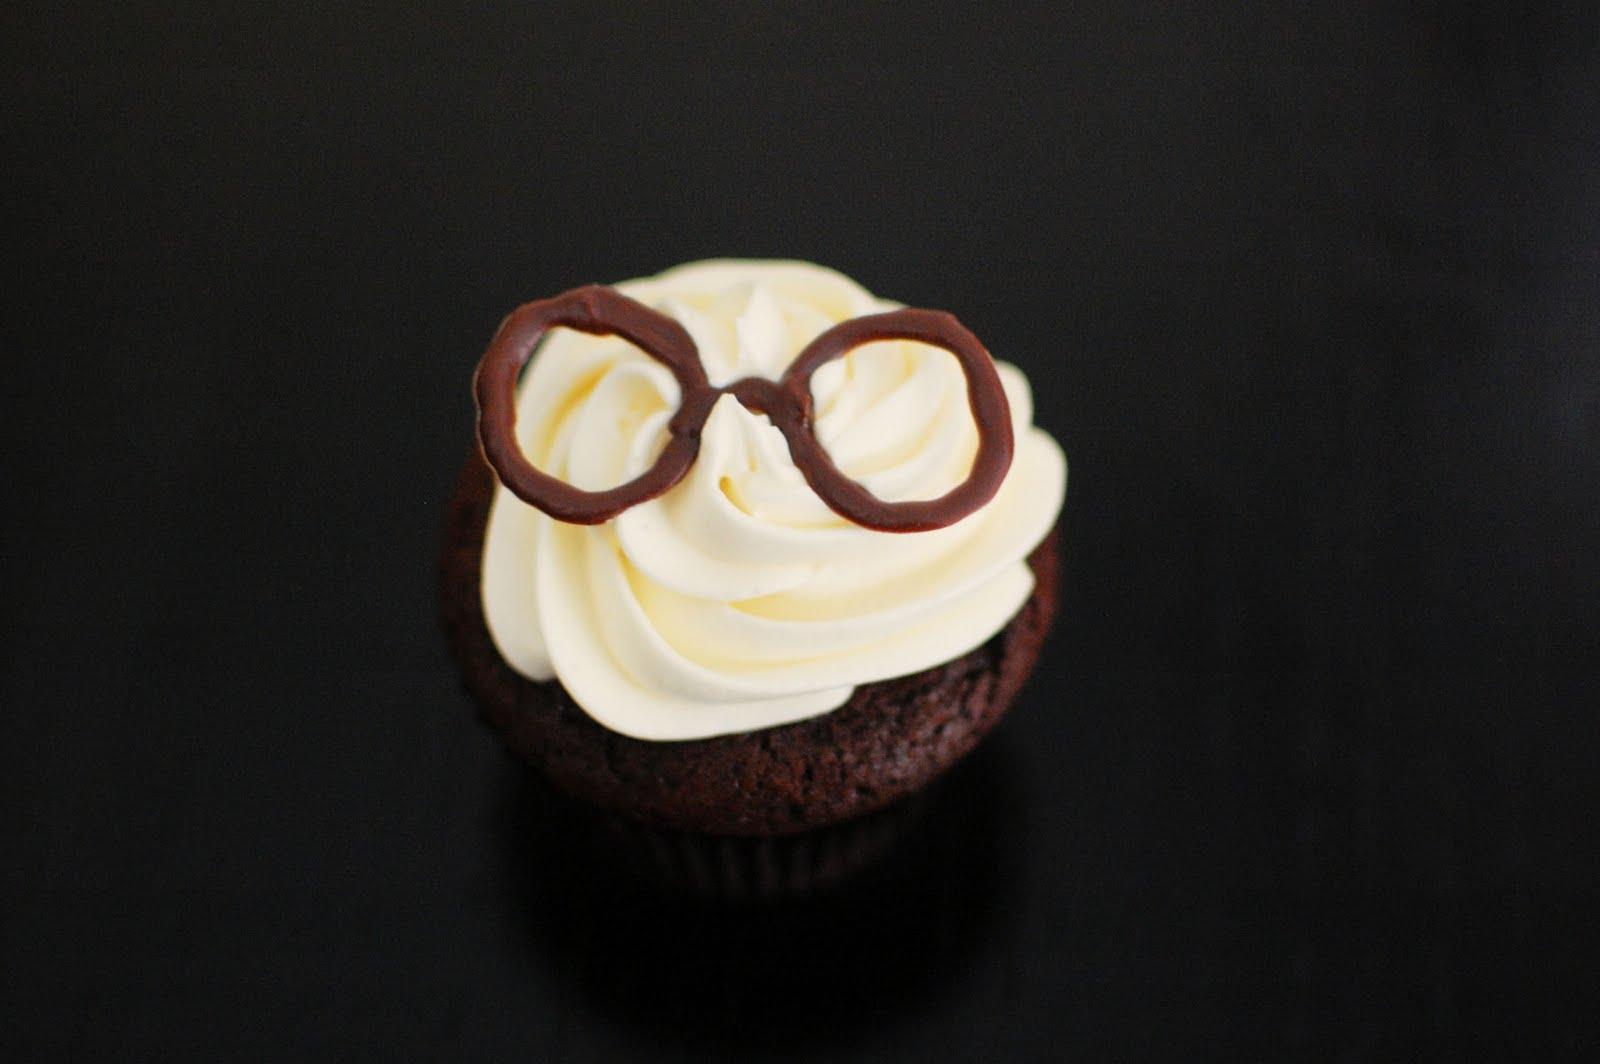 http://1.bp.blogspot.com/-L9RYIVx04cg/TholjbBgzvI/AAAAAAAAHMg/3pqDzhpsSqQ/s1600/harry-potter-cupcakes-3.jpg